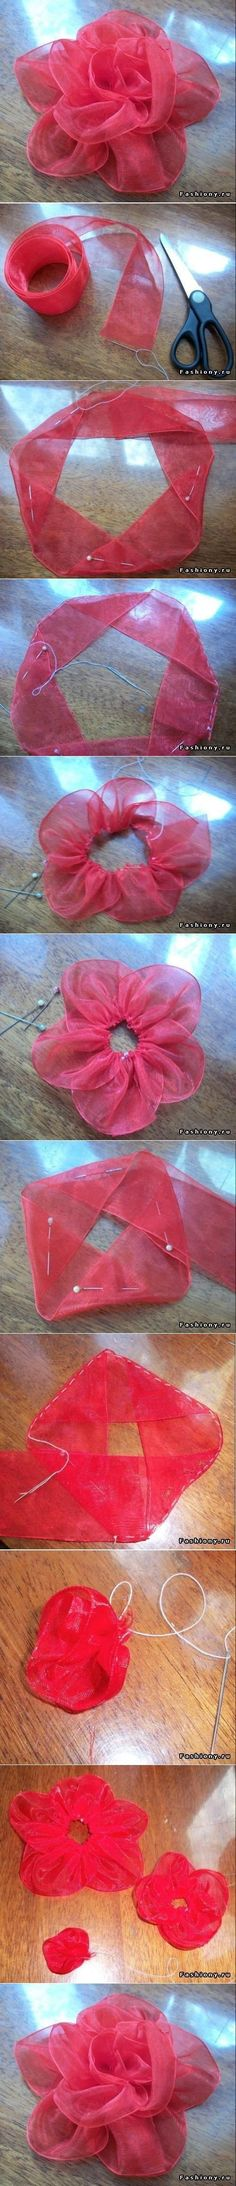 DIY Ribbon Tape Flower